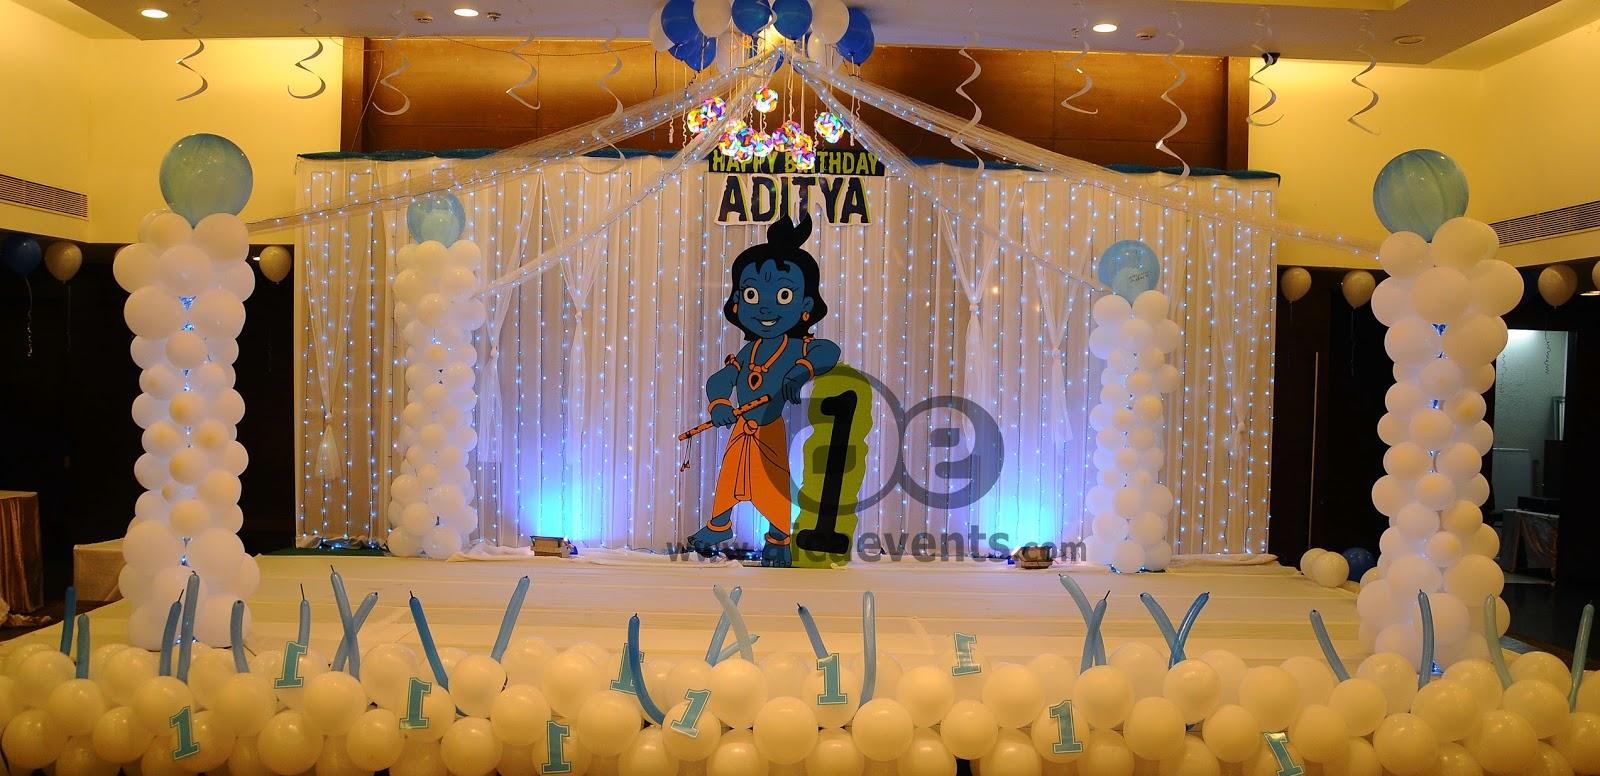 Wedding stage decoration with balloons  Hardesh Kumar hardeshkumar on Pinterest